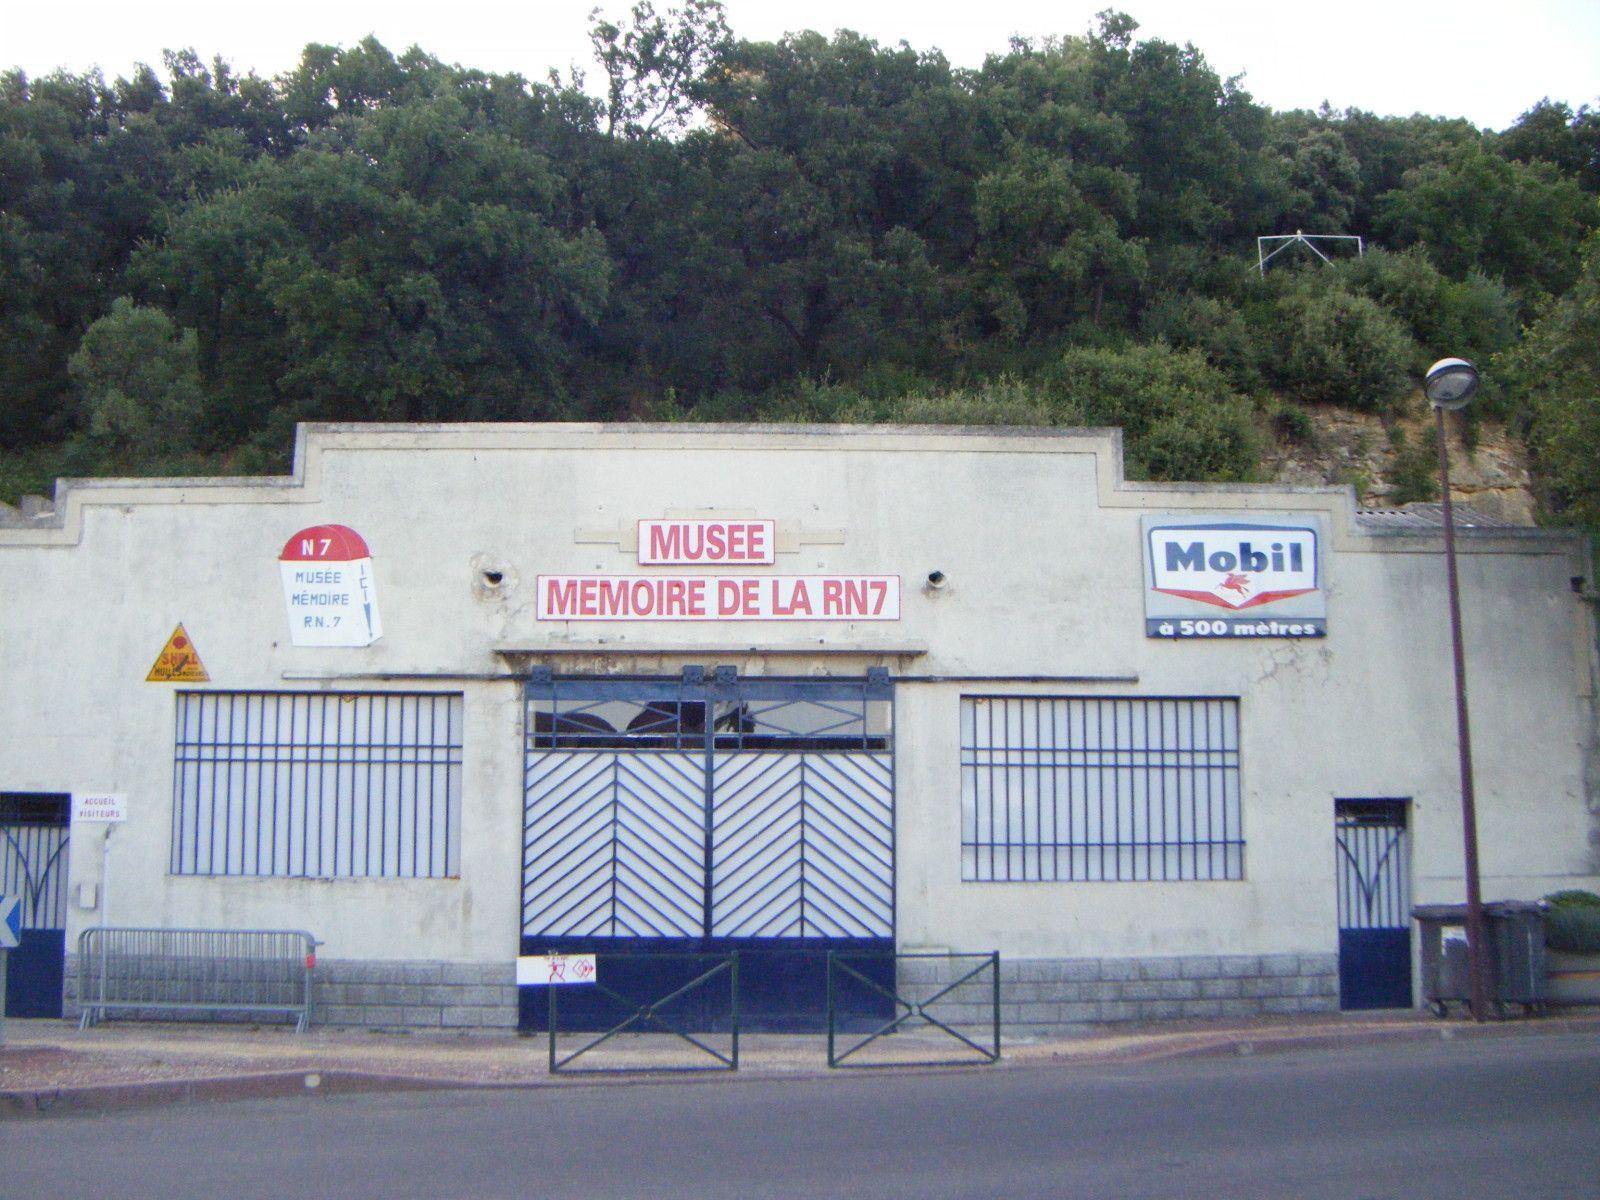 Musée Mémoire de la Nationale 7 Route nationale 7, Musée